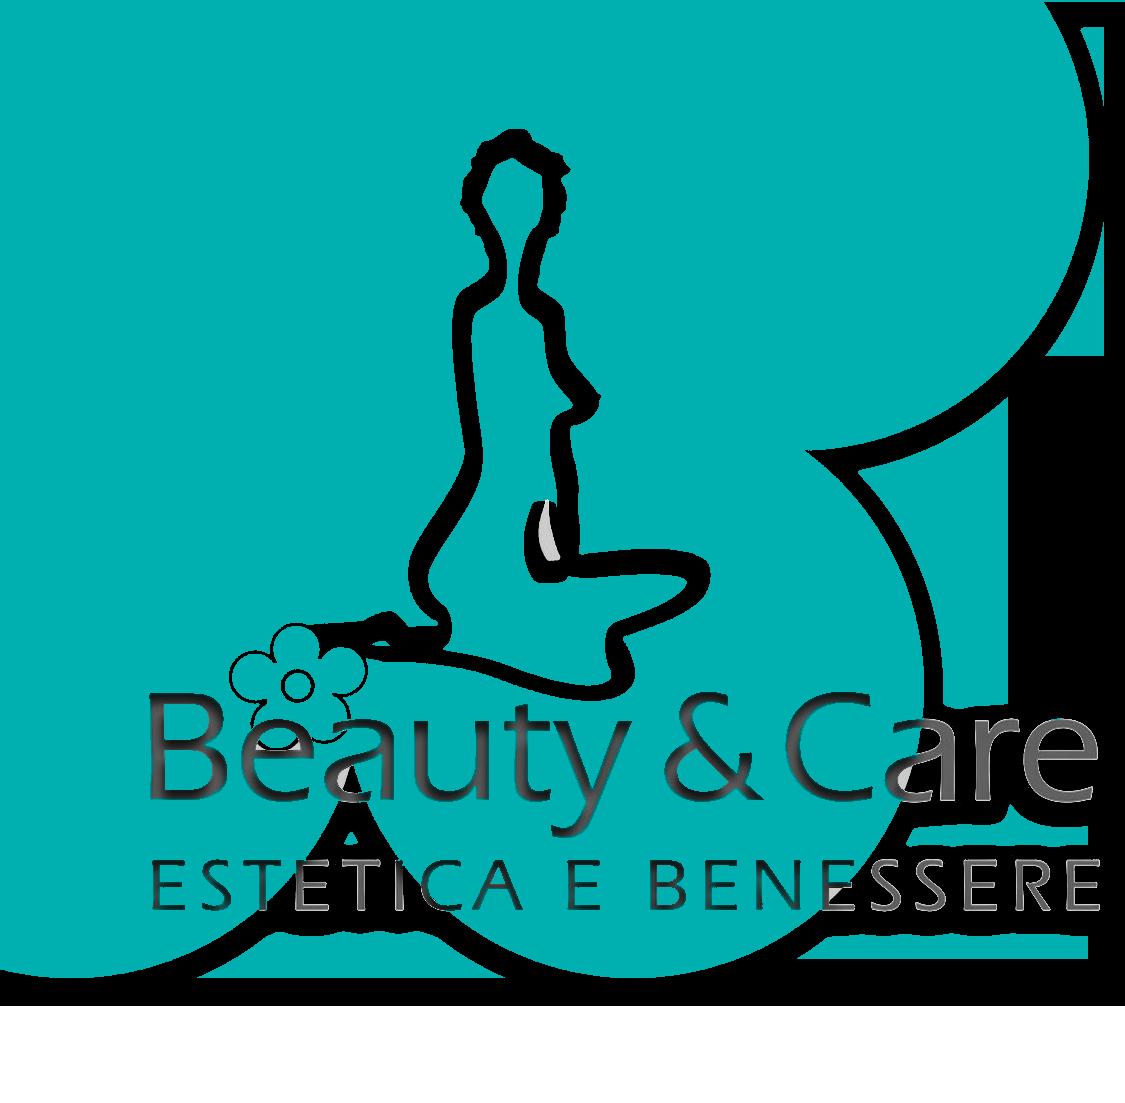 logo-beautycare-celeste